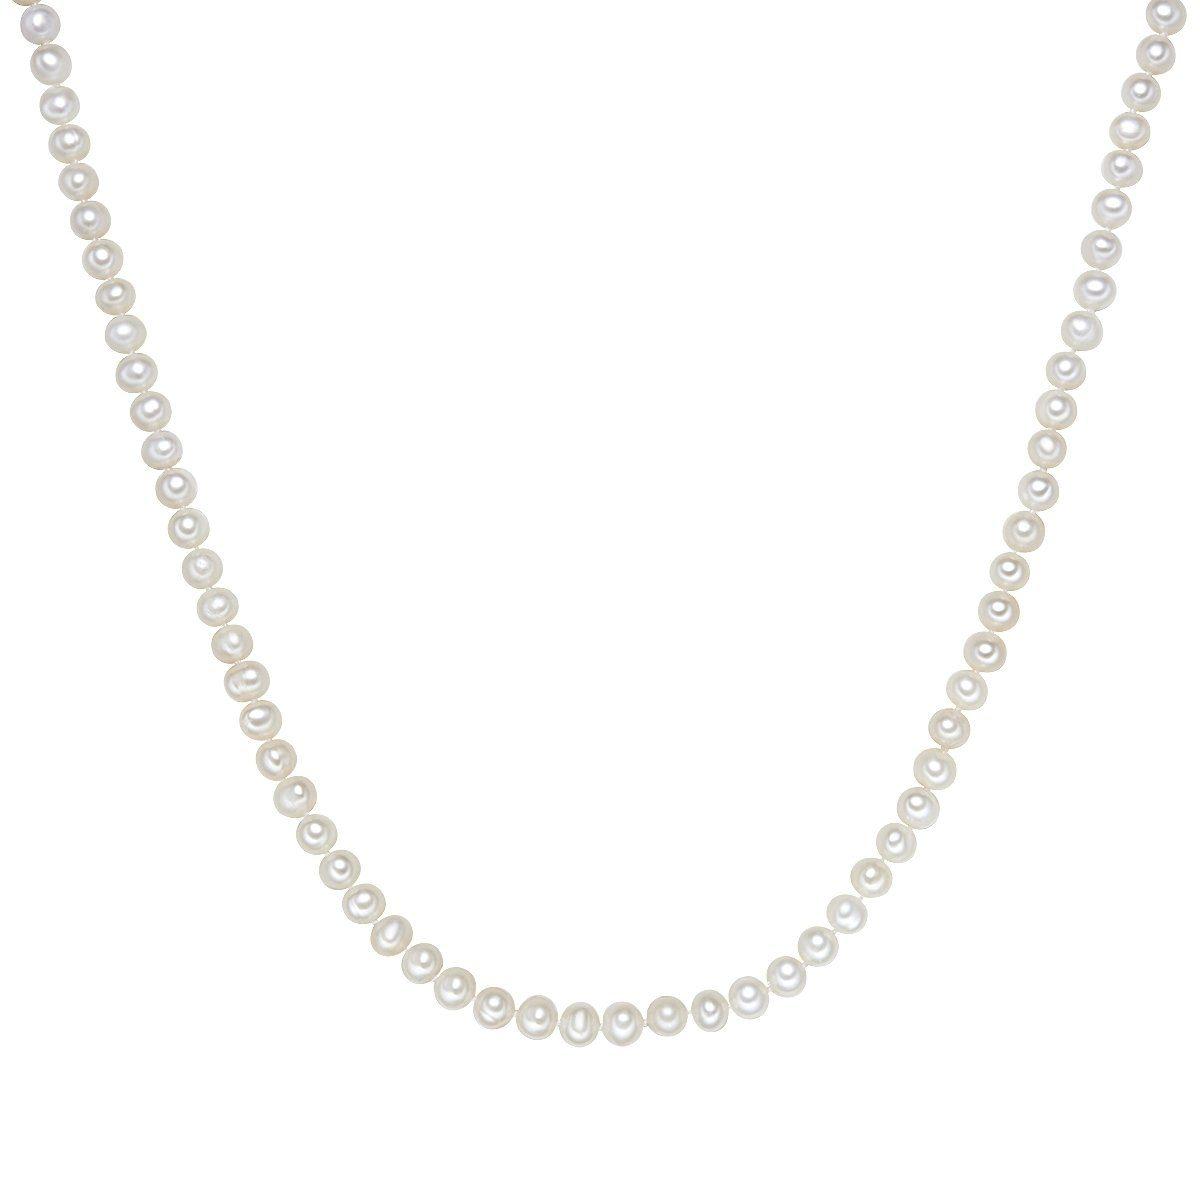 Valero Pearls Perlenkette X117 | Schmuck > Halsketten > Perlenketten | Weiß | Valero Pearls